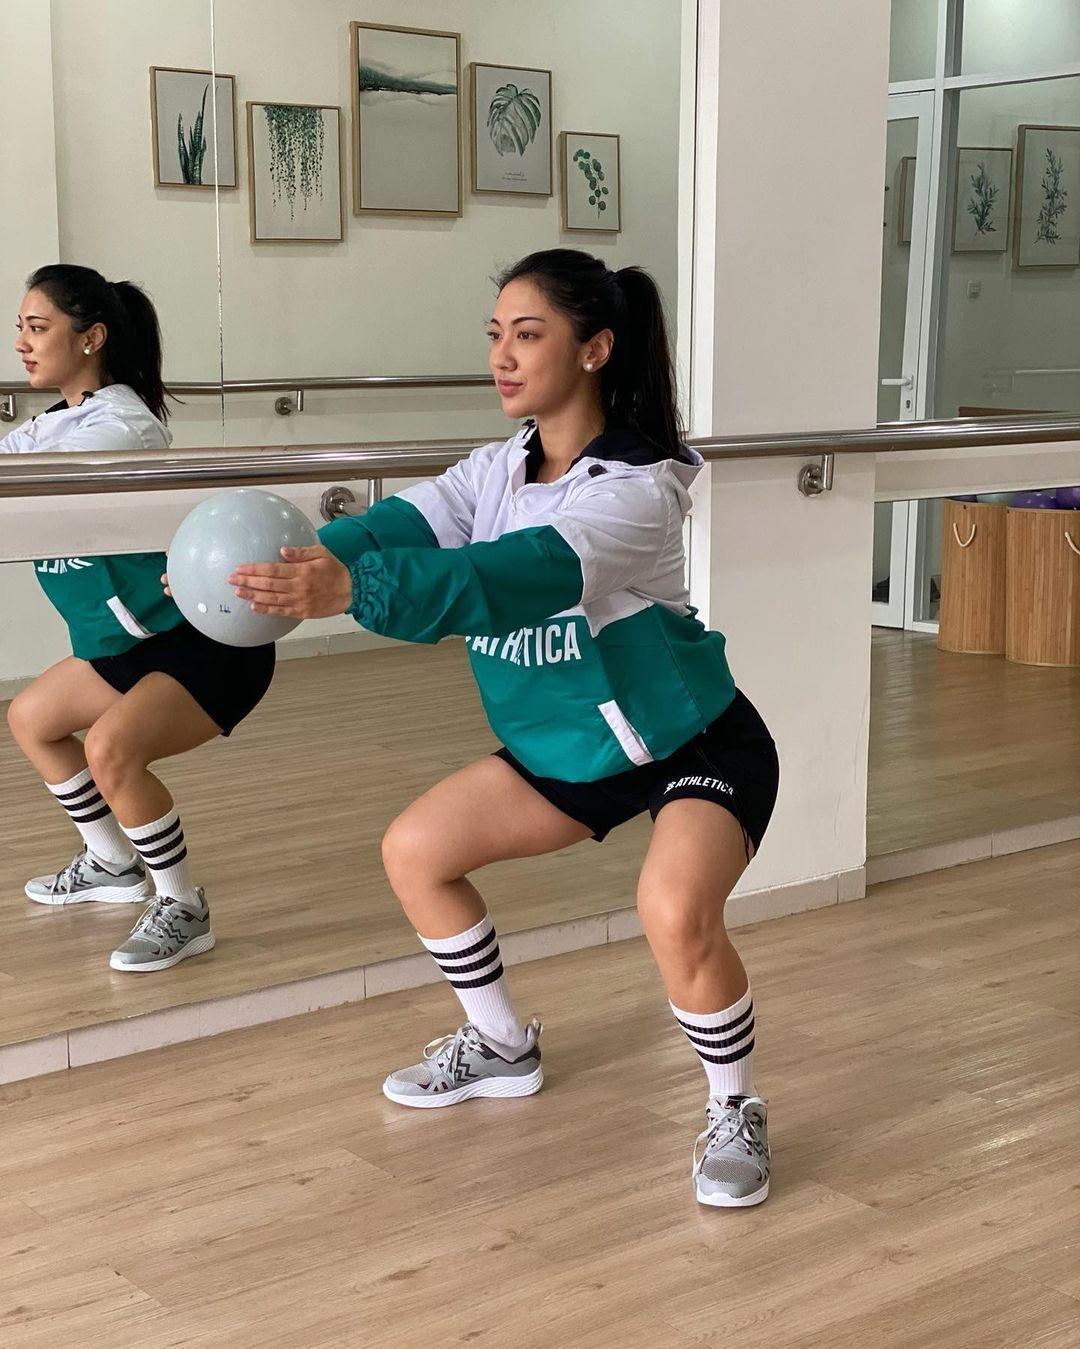 Gaya Seksi Anindita Hidayat Pamer Lekuk Tubuh saat Olahraga